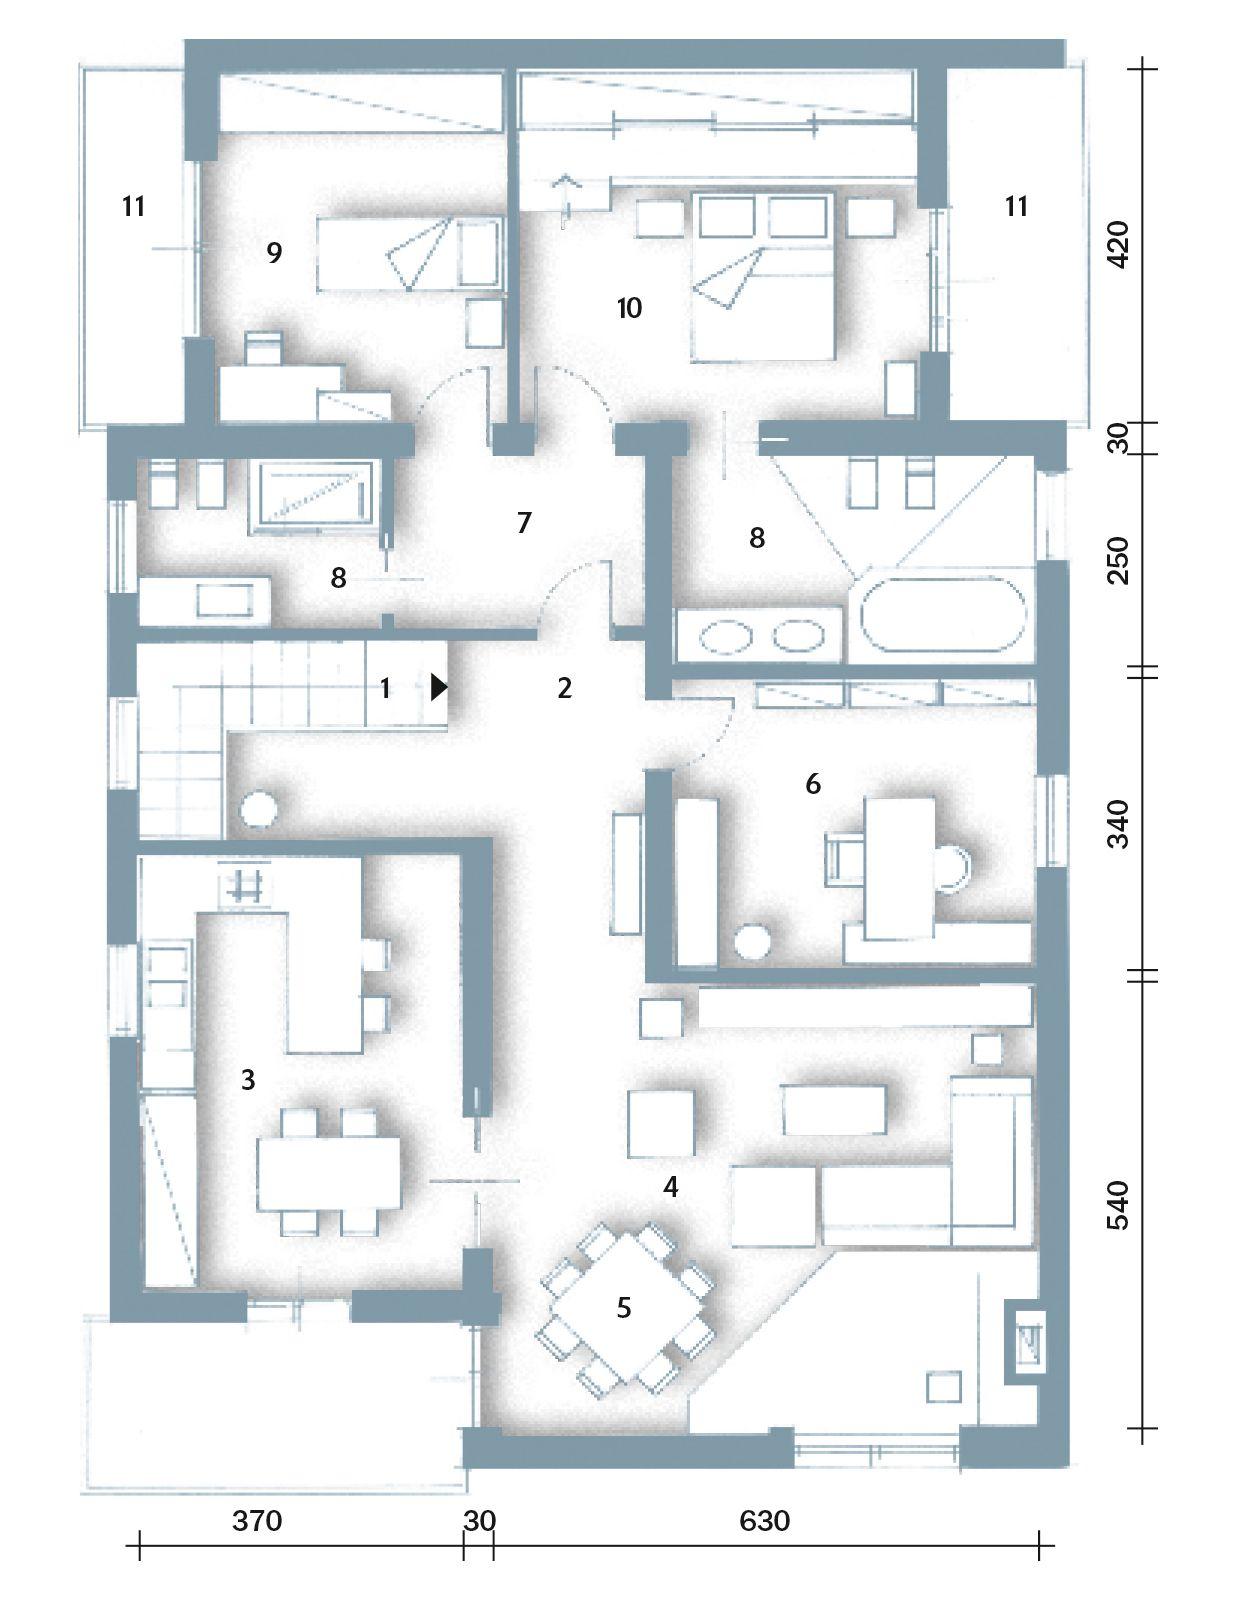 Casa 60 Mq Pianta una casa moderna su livelli sfalsati (con immagini) | casa